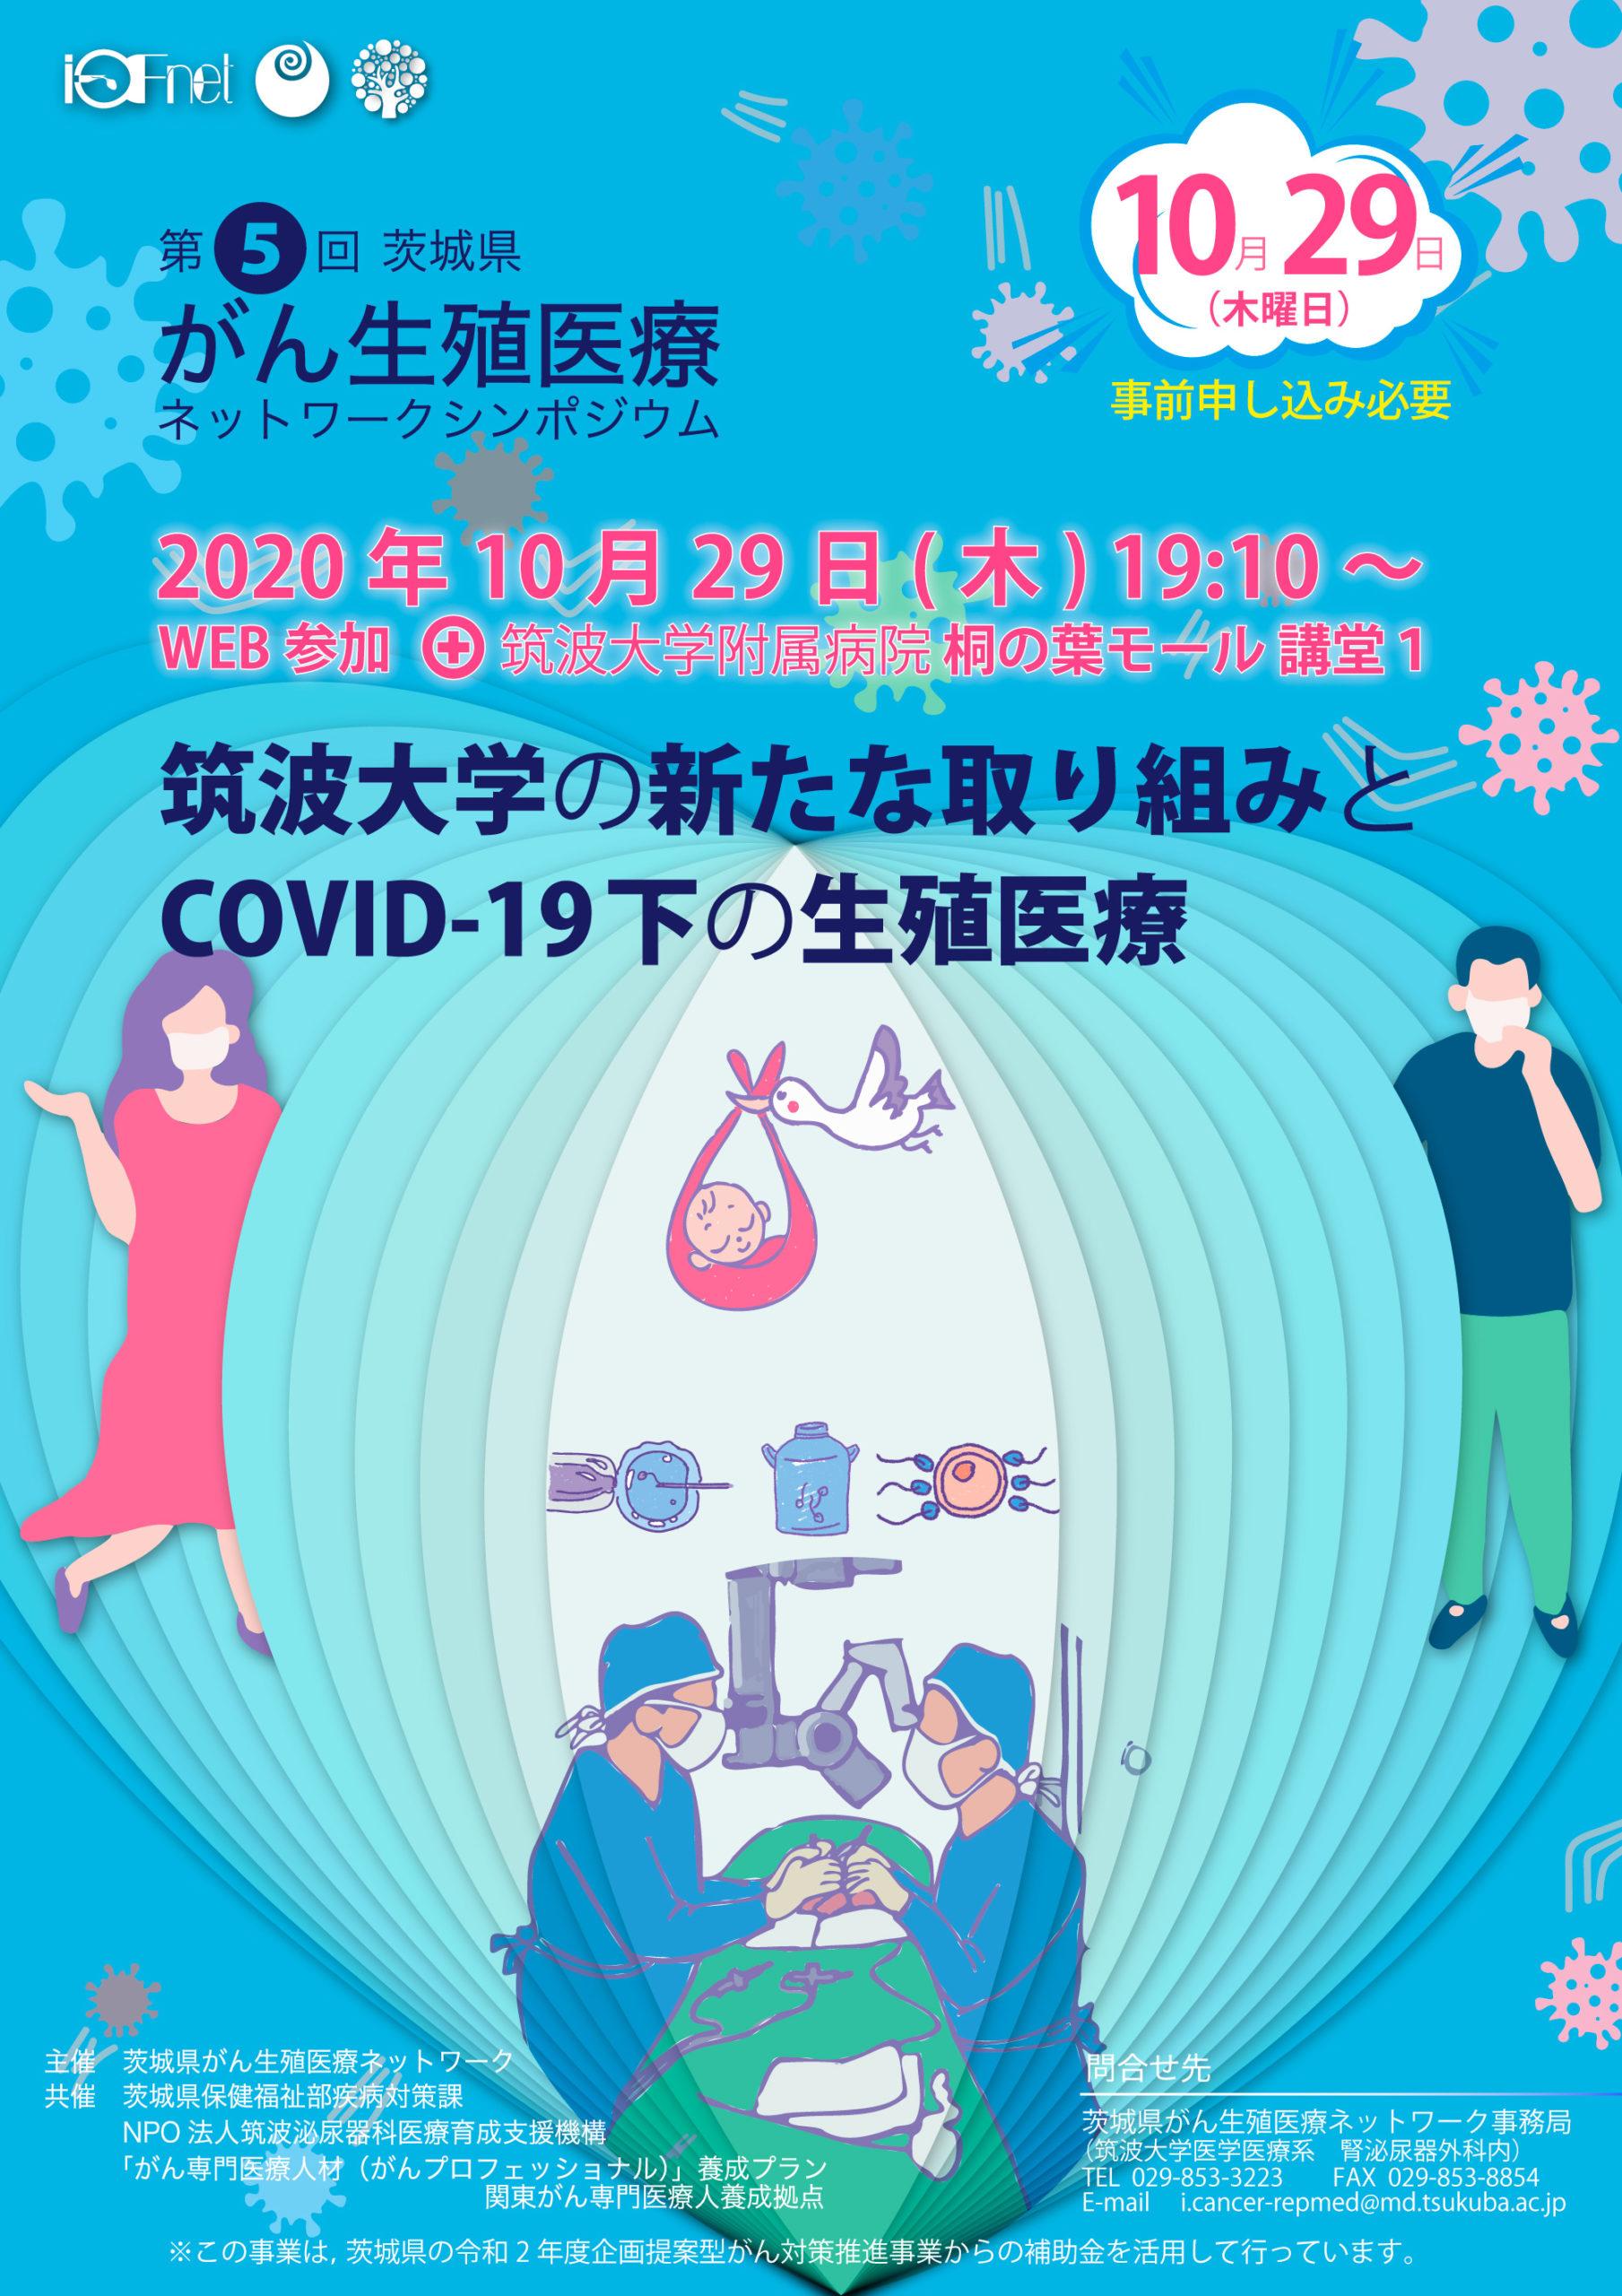 2020.10.29_第5回 茨城県がん生殖医療ネットワークシンポジウム